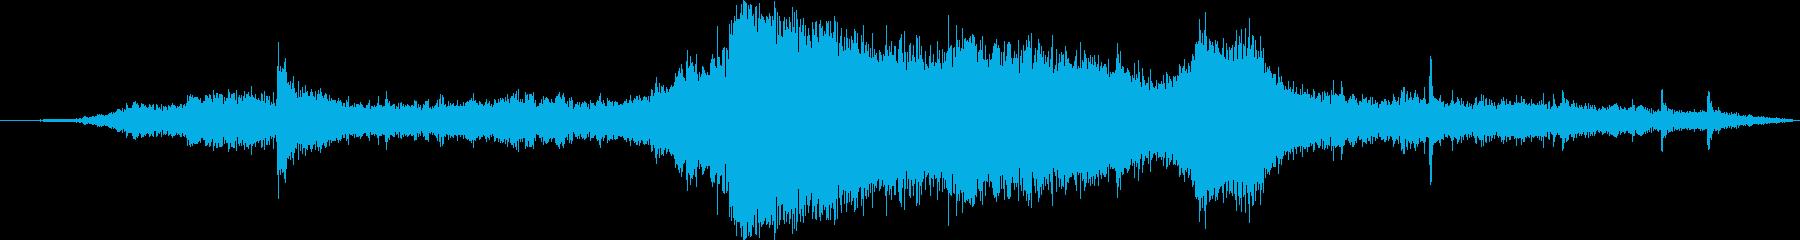 製鉄所:クレーンダンプスクラップ金...の再生済みの波形